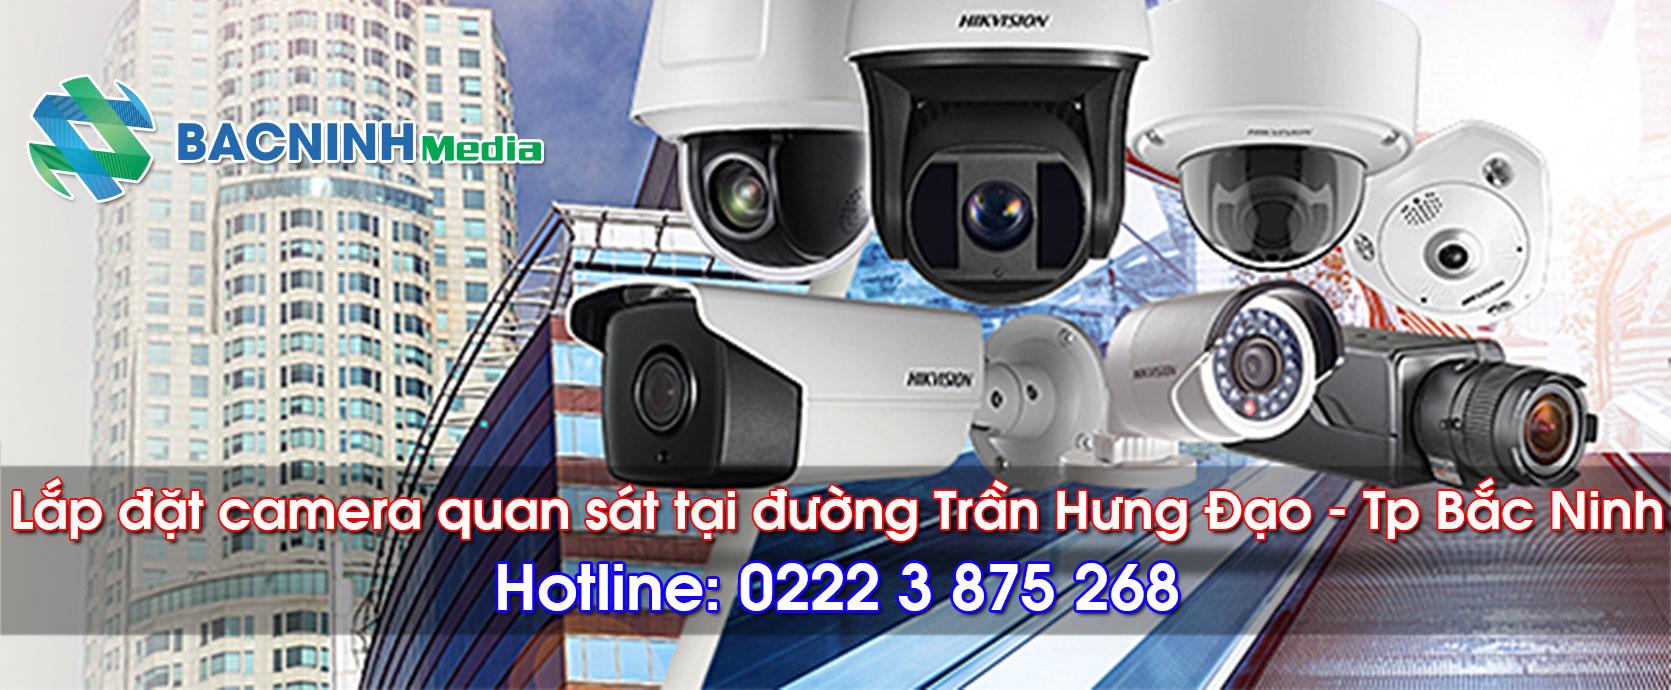 Lắp đặt camera quan sát tại đường trần Hưng Đạo Bắc Ninh